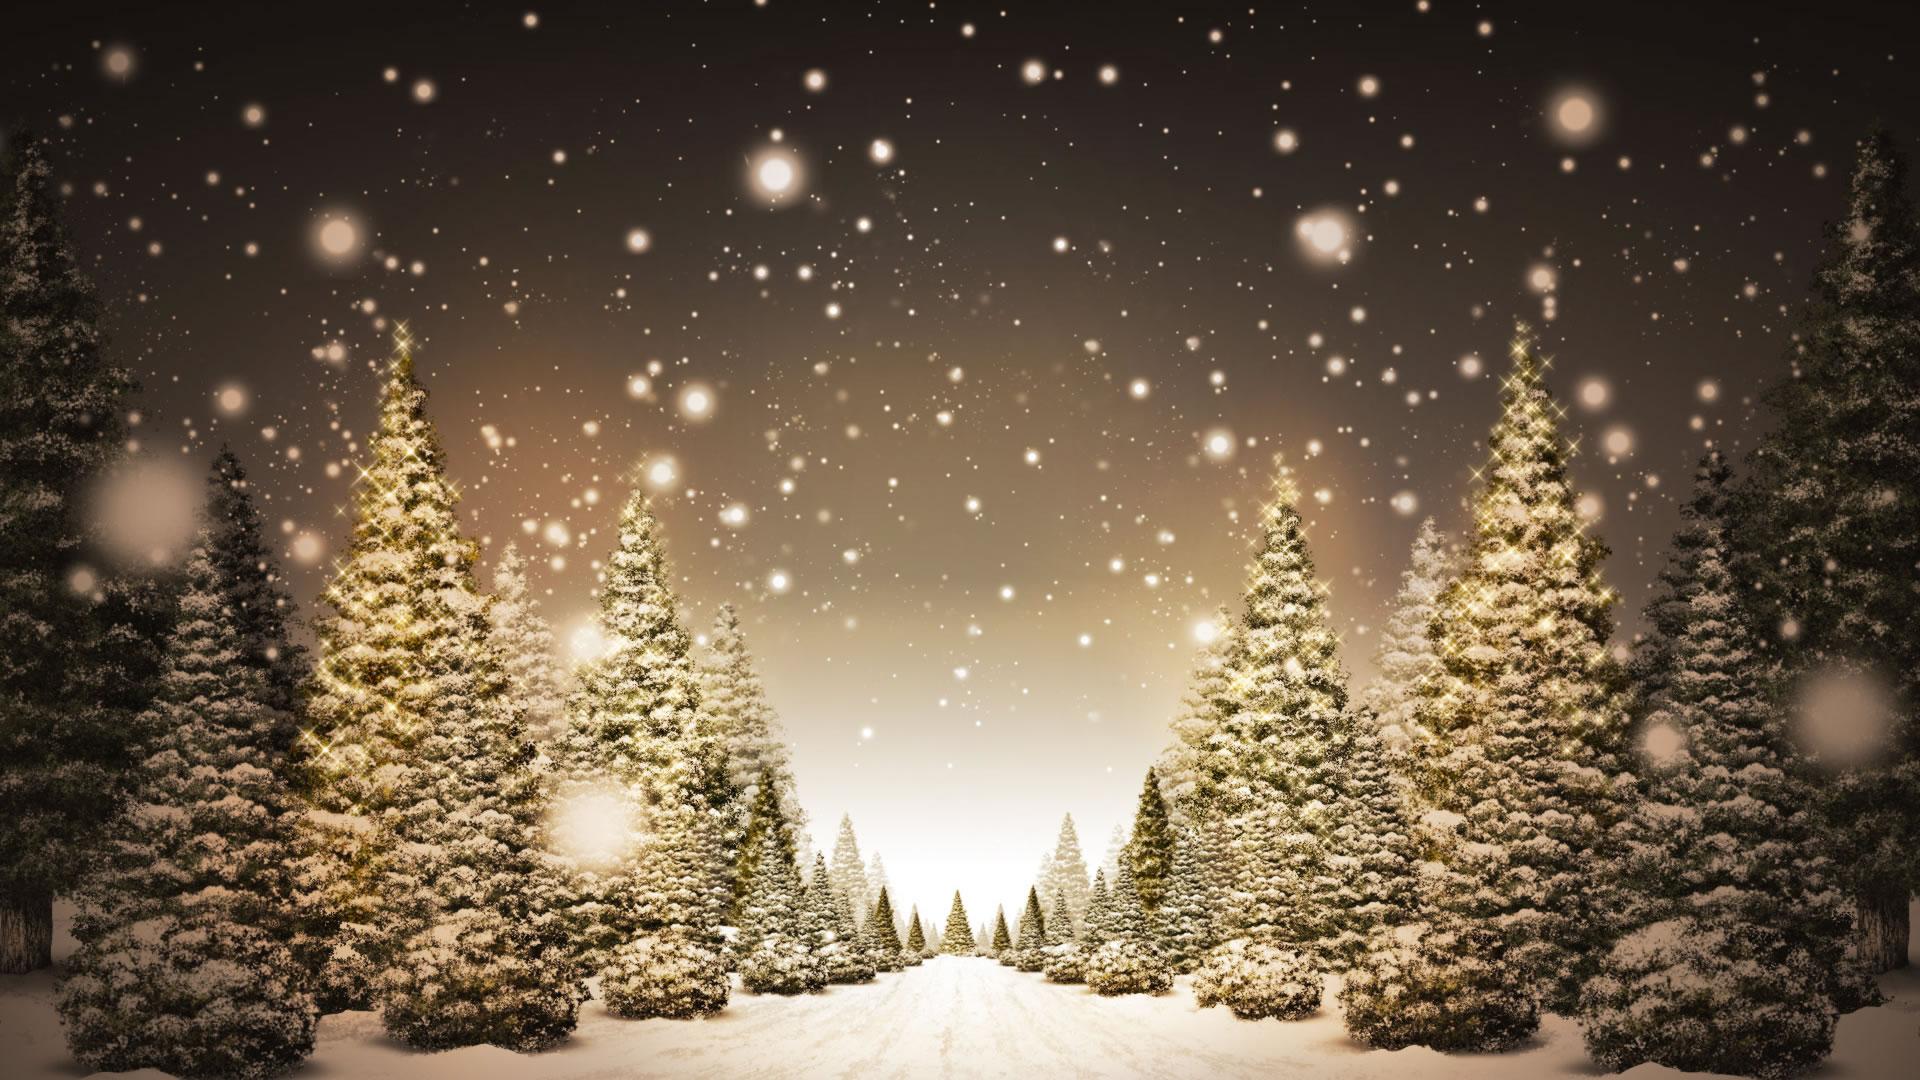 bekijk wallpaper: kerstbomen kleurplaat